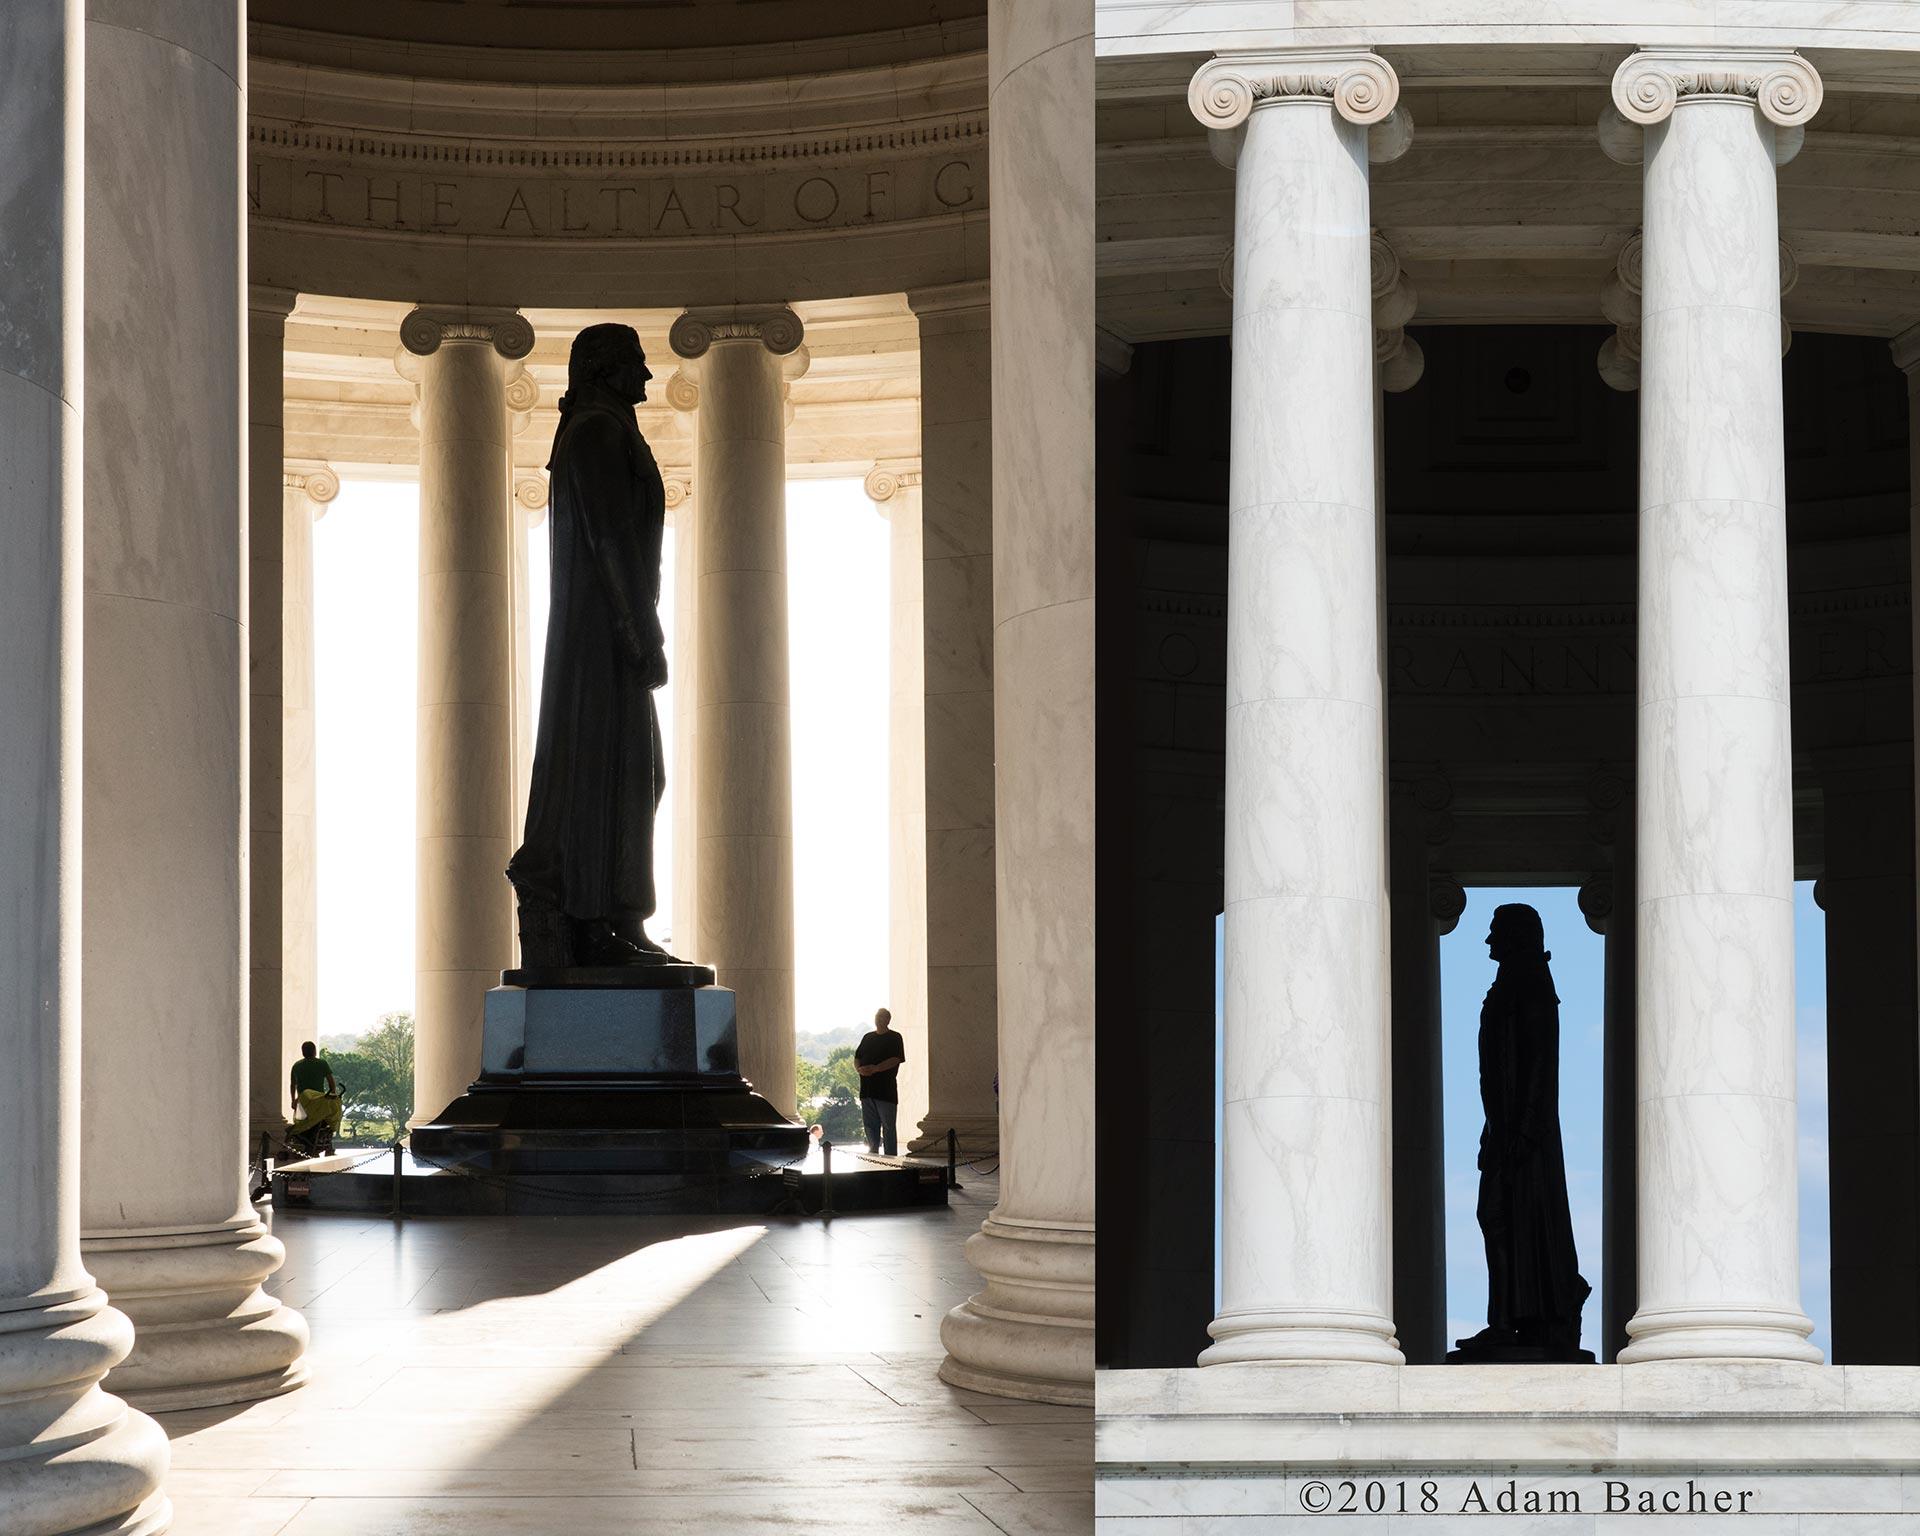 bacher-jefferson-memorial-thomas-jefferson